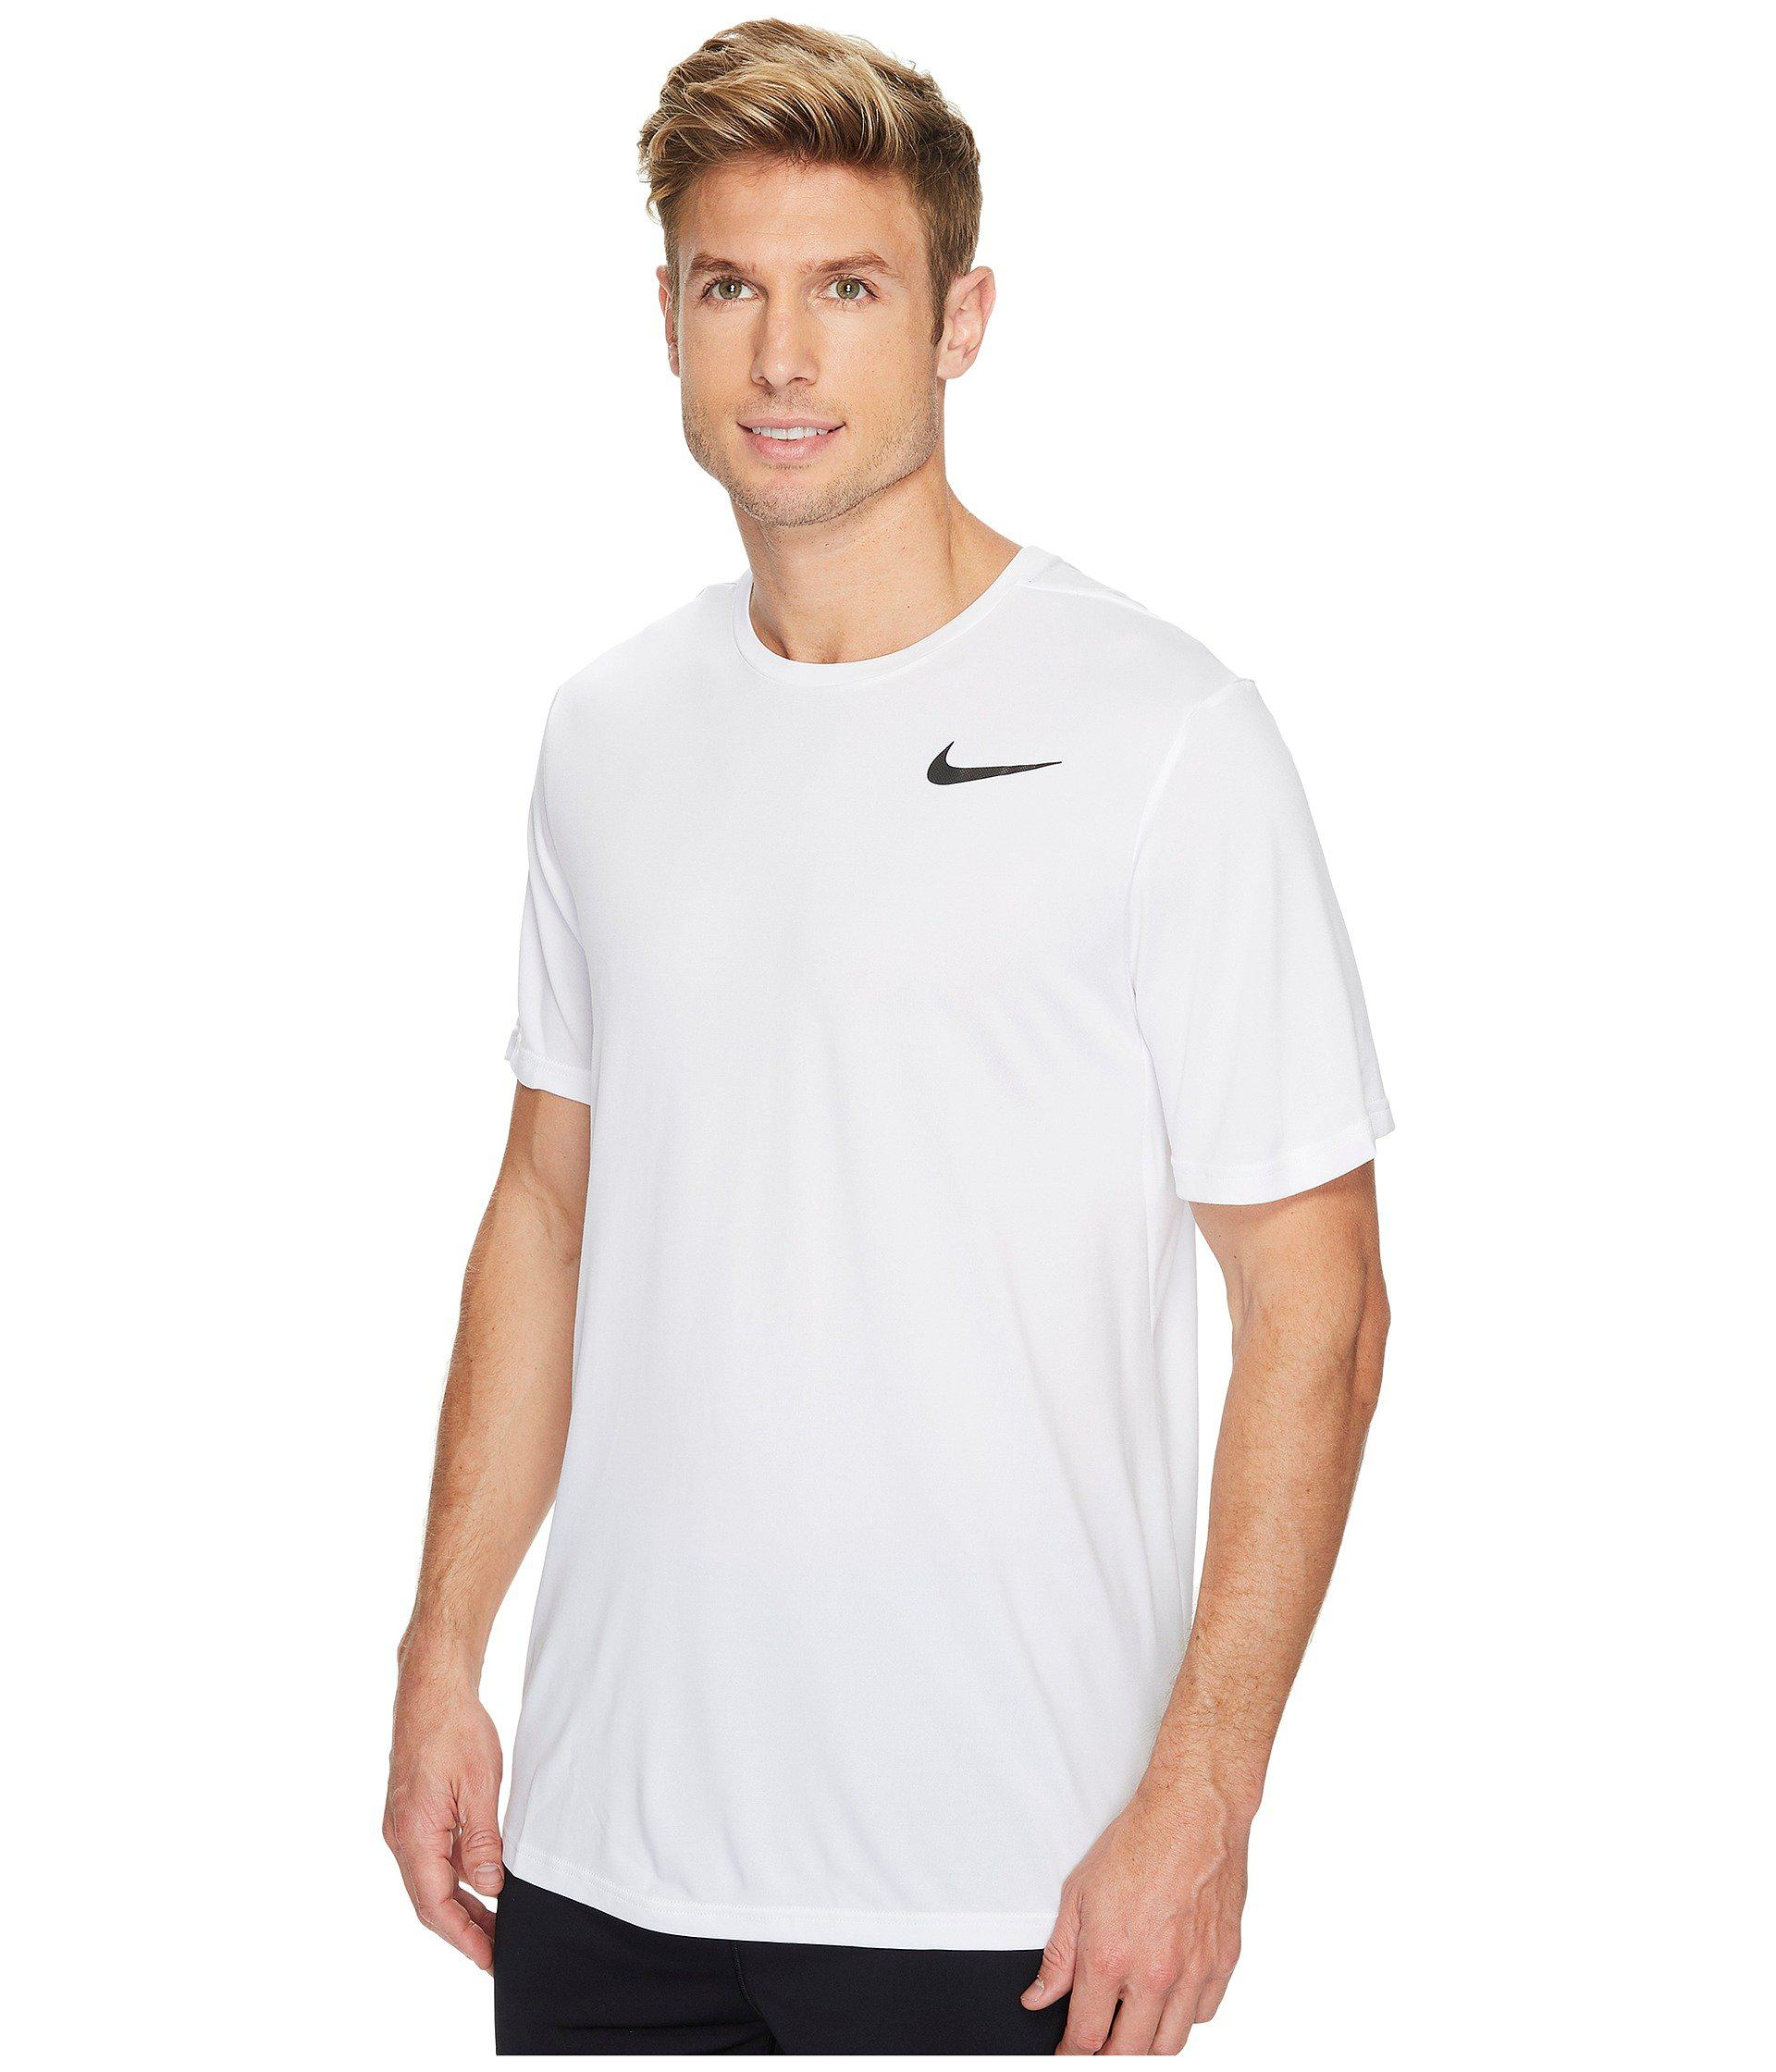 275b617a20c Lyst - Nike Breathe Short Sleeve Training Top (light Carbon thunder  Blue hyper Crimson) Men s Clothing in White for Men